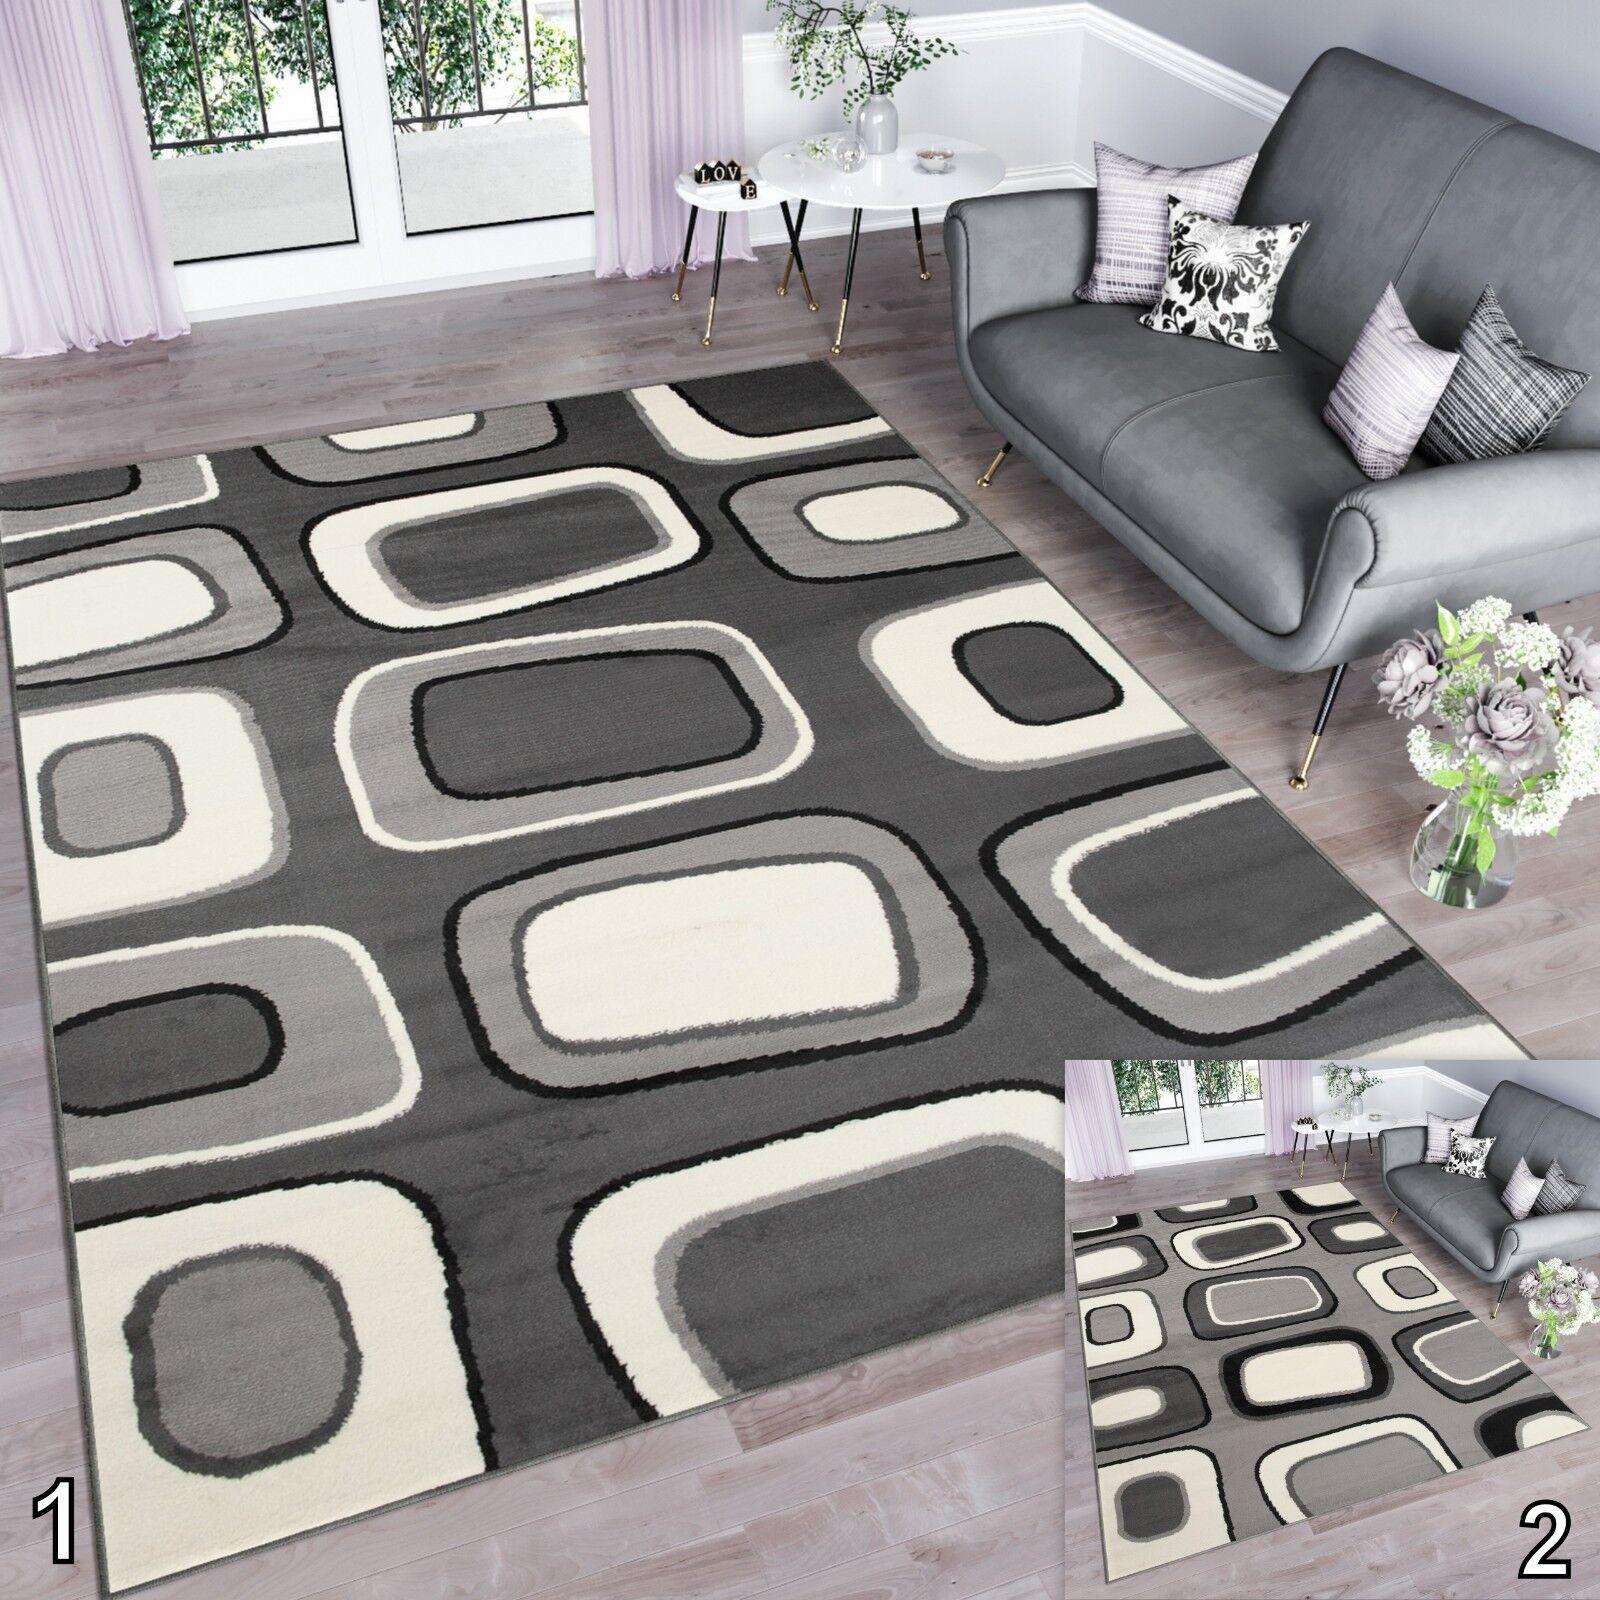 Stile retrò contemporaneo Tappeto per salotto camera da letto di qualità superiore pietre Pattern